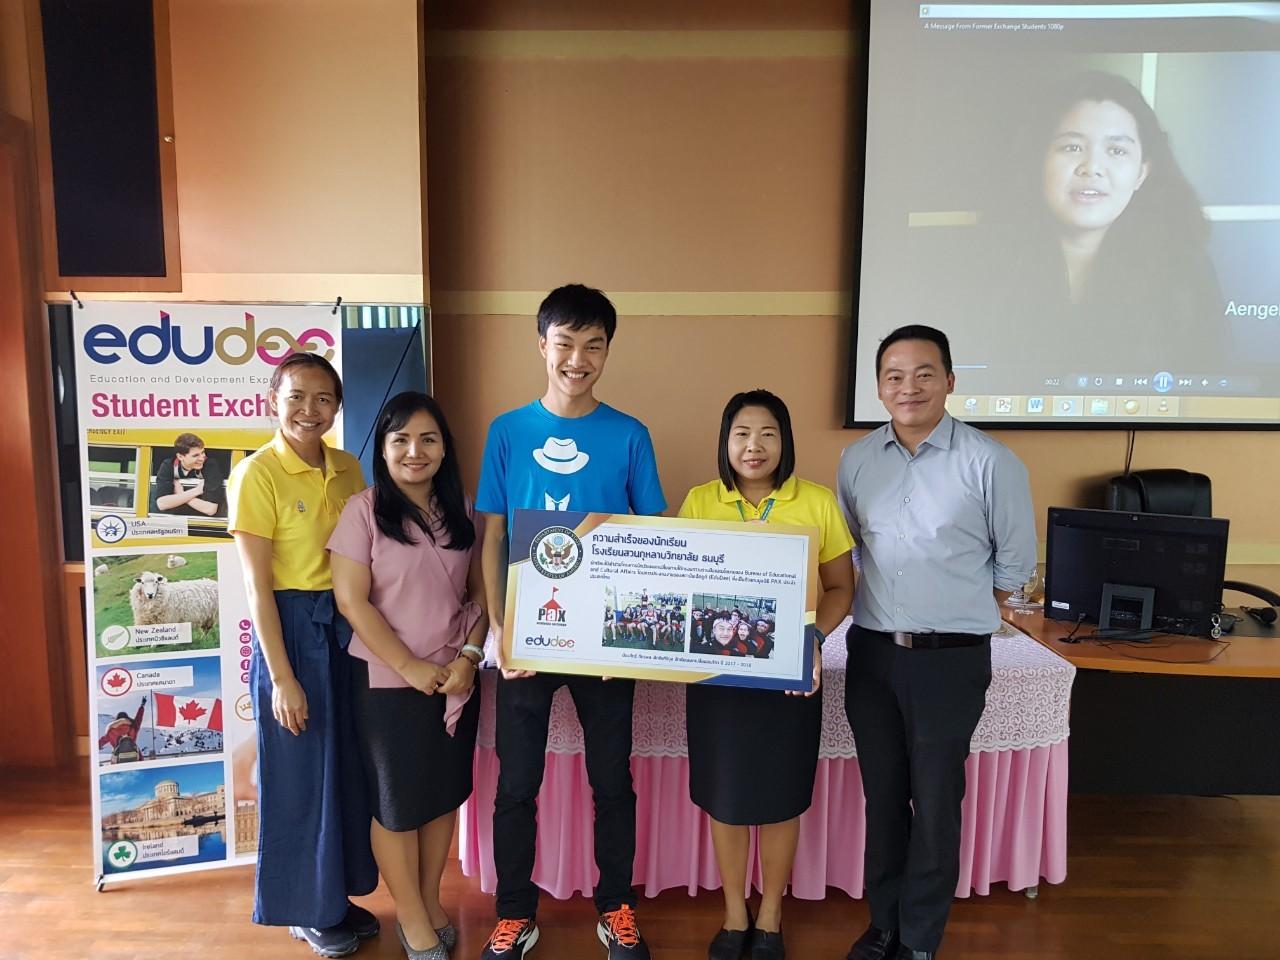 ประชุมให้ข้อมูลโครงการทุนนักเรียนแลกเปลี่ยนโรงเรียนสวนกุหลาบวิทยาลัย ธนบุรี